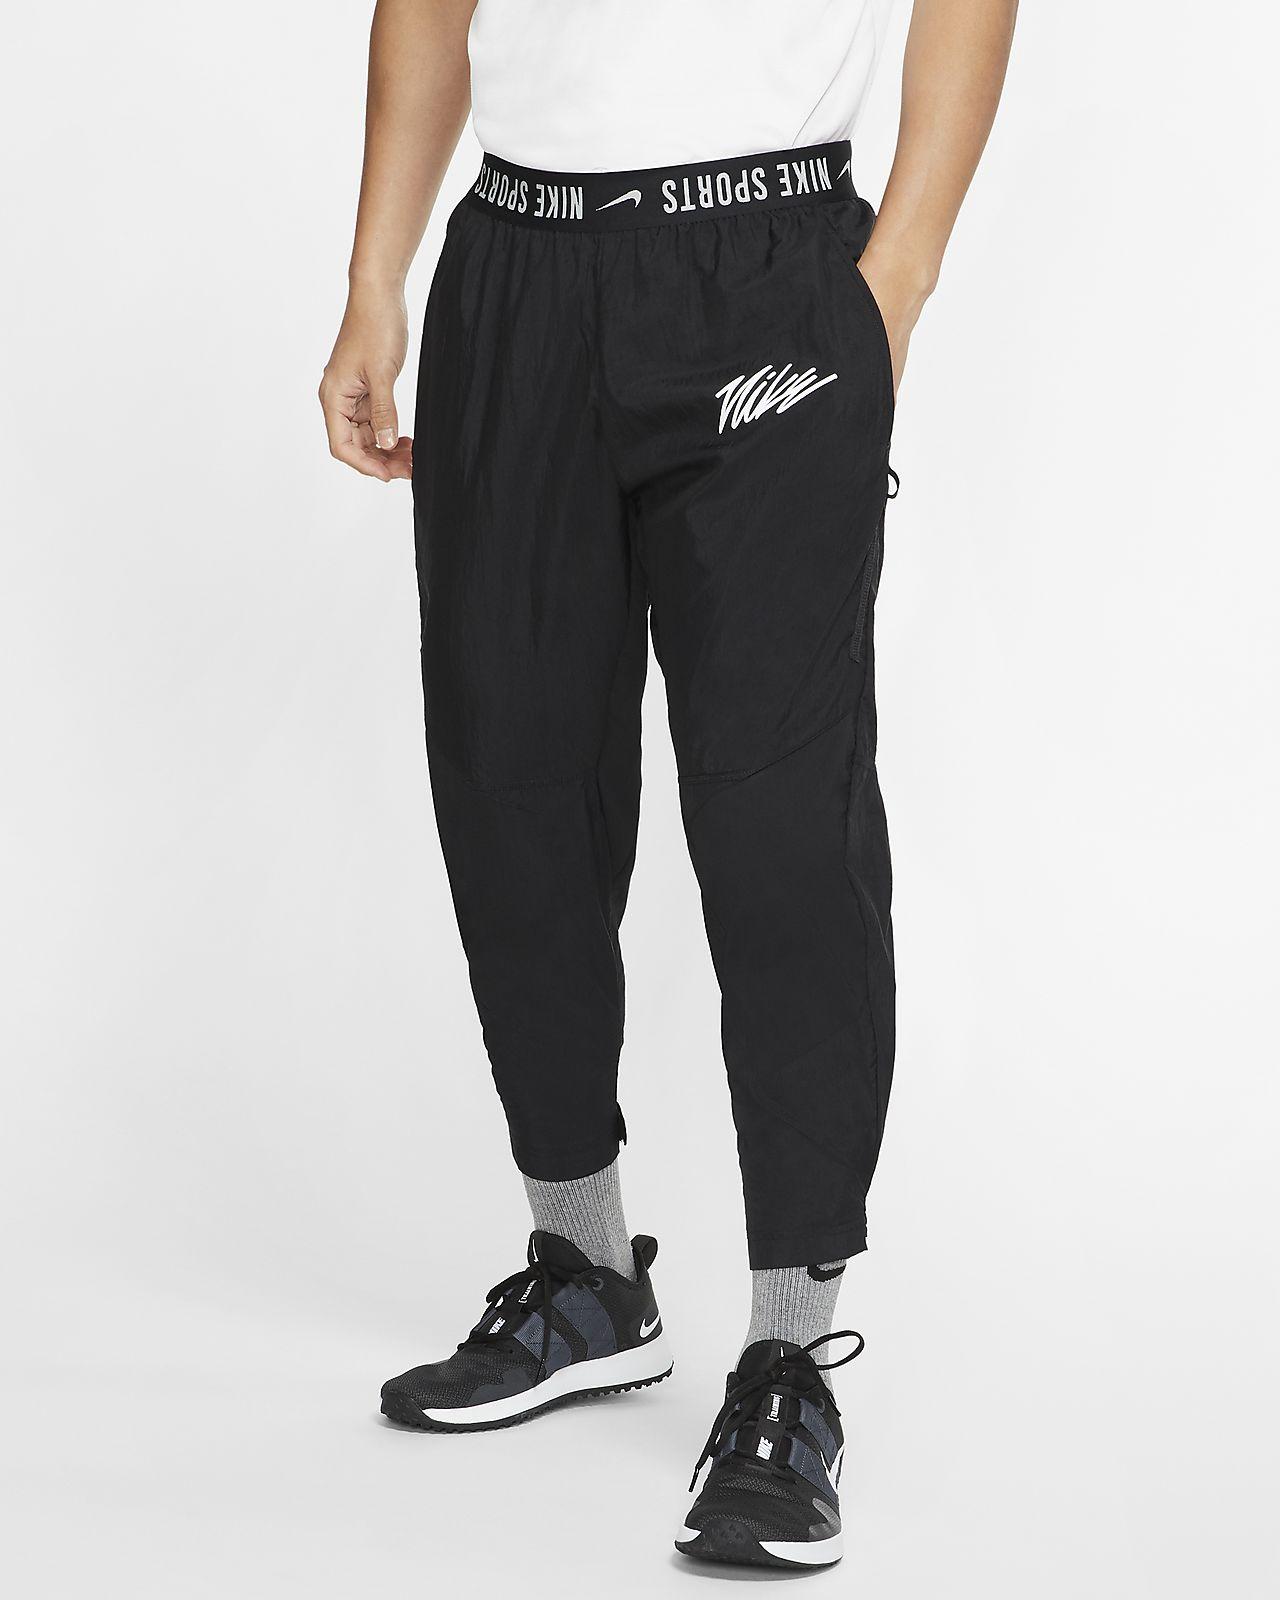 Nike Men's Woven Training Pants